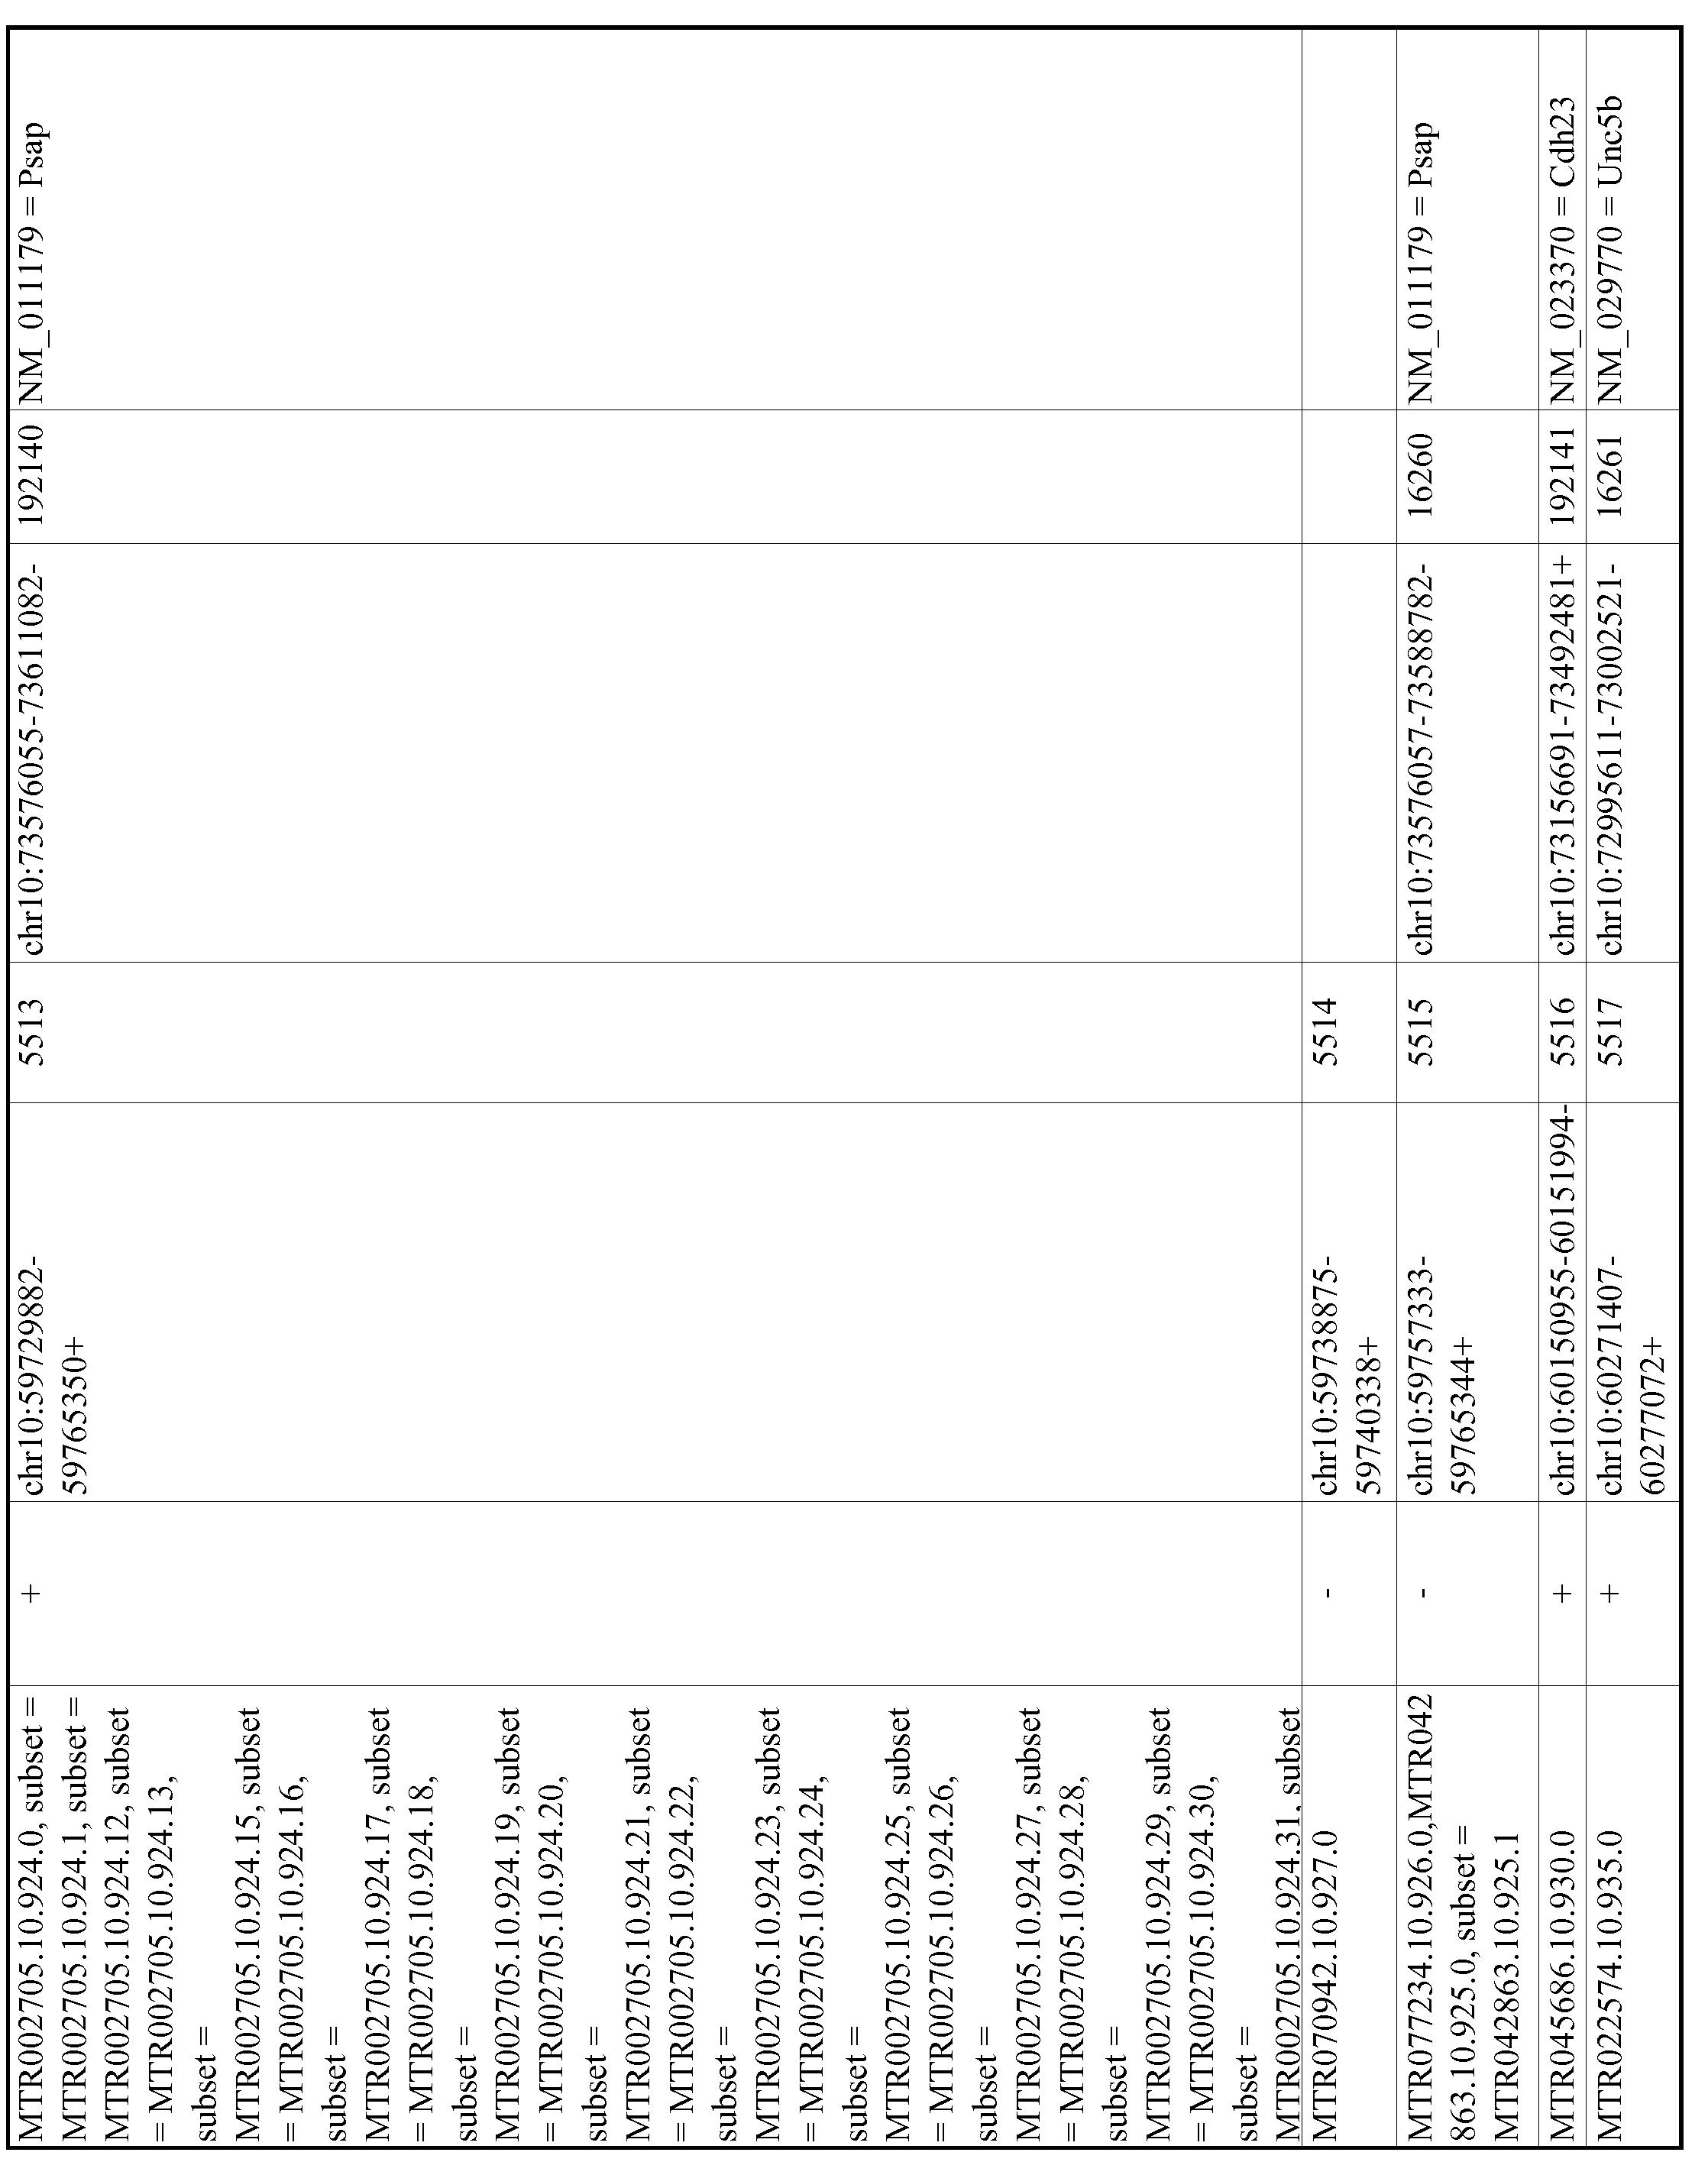 Figure imgf000991_0001